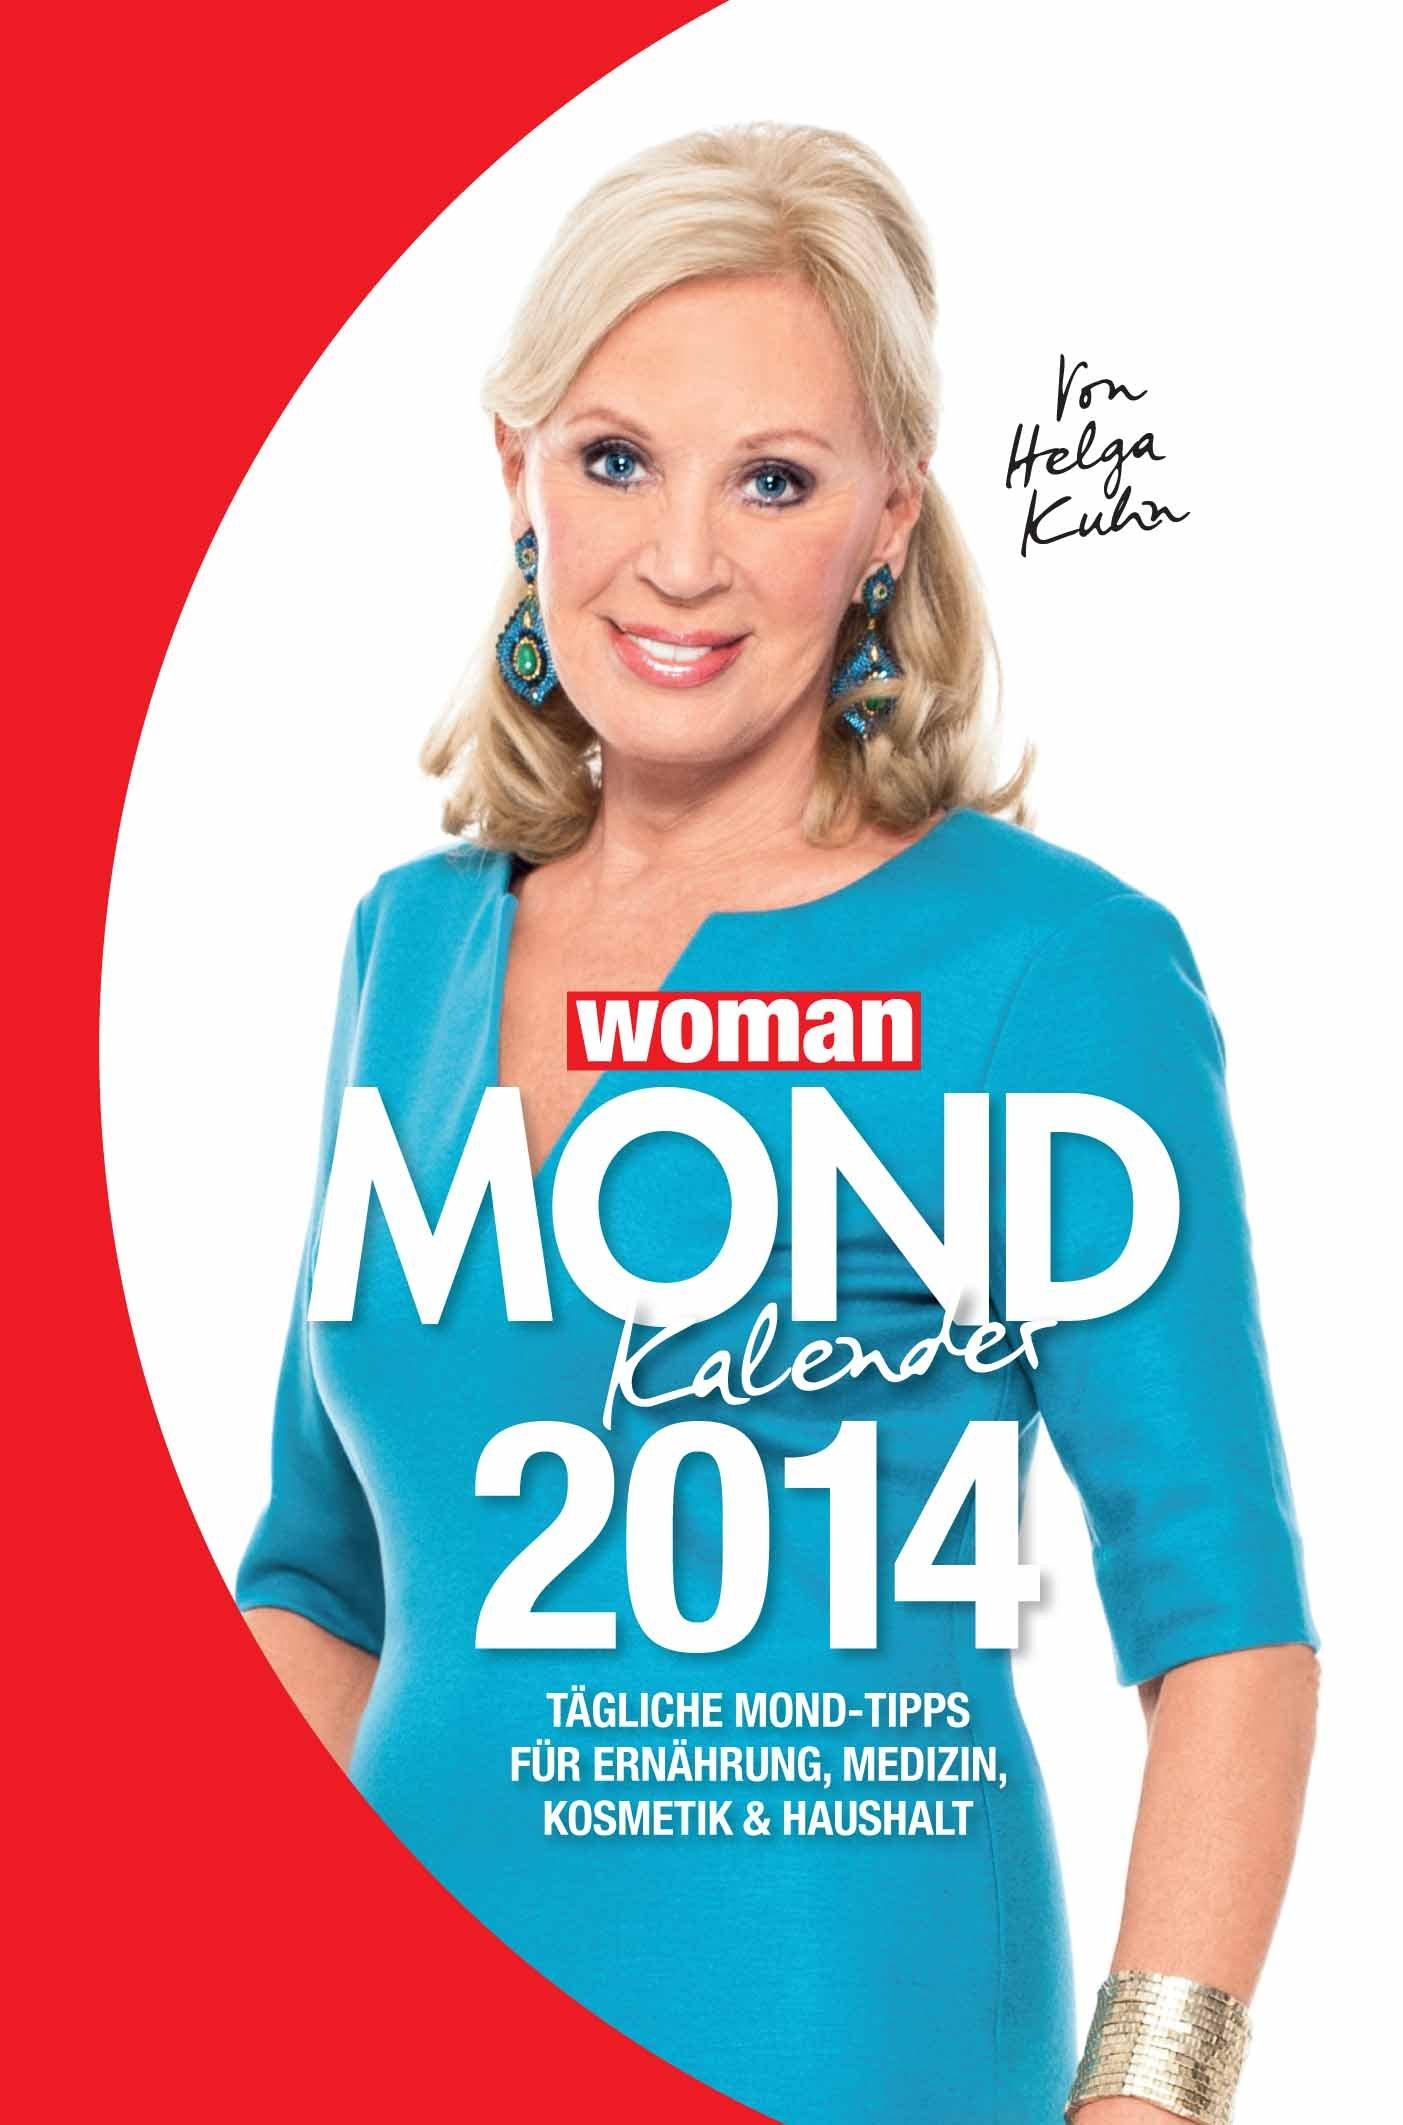 WOMAN Mondkalender 2014: Tägliche Mond-Tipps für Ernährung, Medizin, Kosmetik, Haushalt